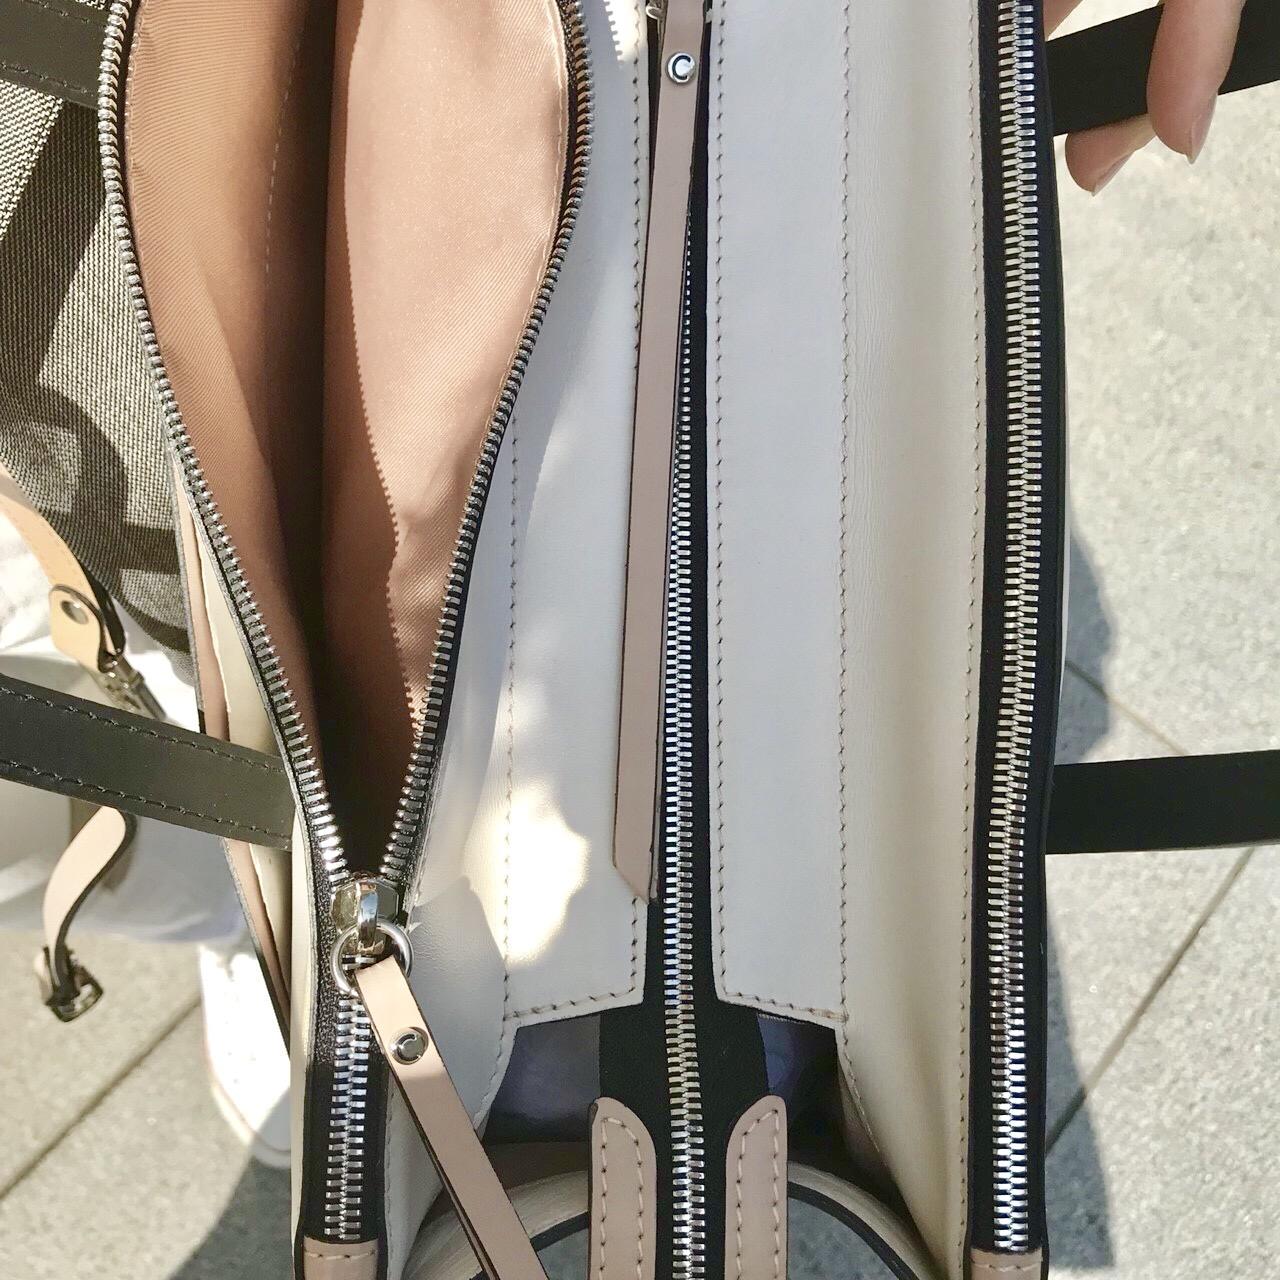 GIANNI CHIARINI ScrapBook スクラップブック ジャンニキャリーニ 有楽町マルイ 可愛い 2wayバッグ bag ショルダーバッグ 肩掛けショルダー 斜め掛けショルダー A4サイズ イタリアンレザー イタリア製 ハンドル持ち 軽い ファスナー付き お仕事用